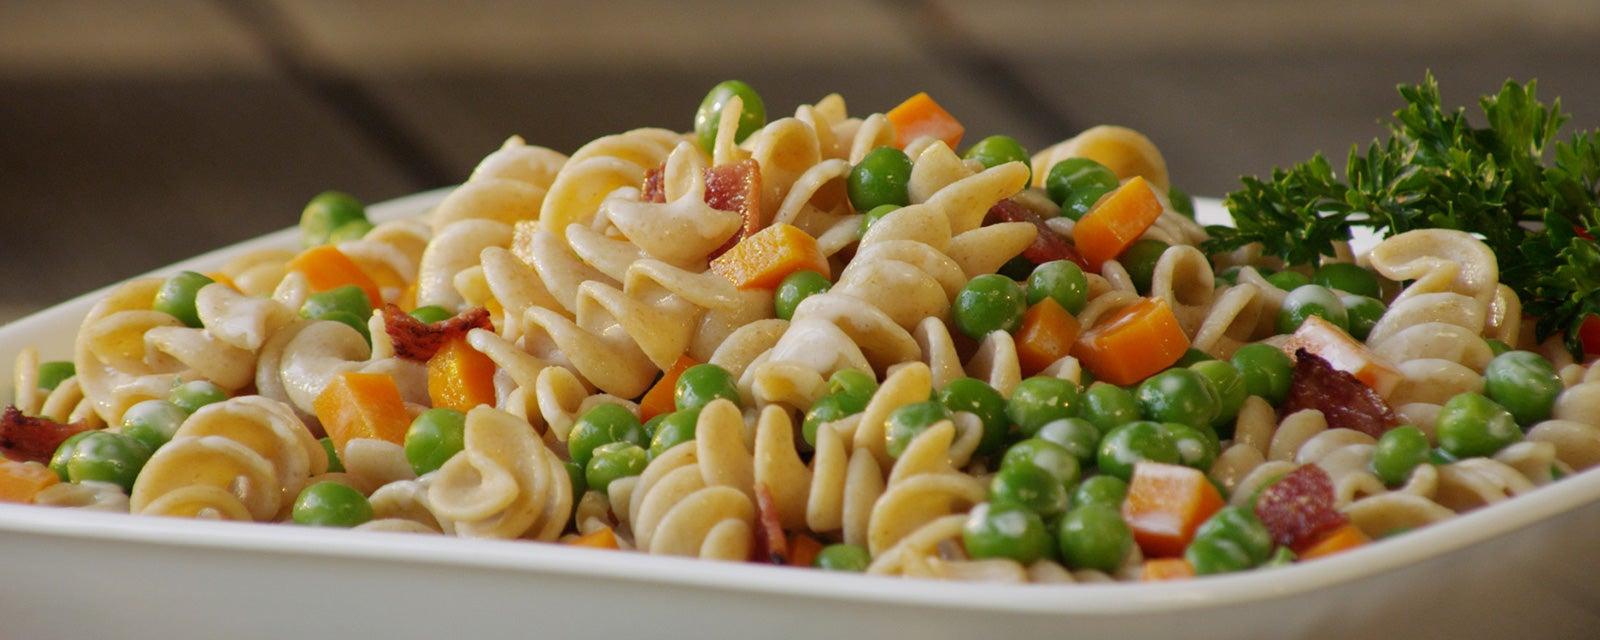 Peas and Pasta Salad Recipe | Hidden Valley® Ranch